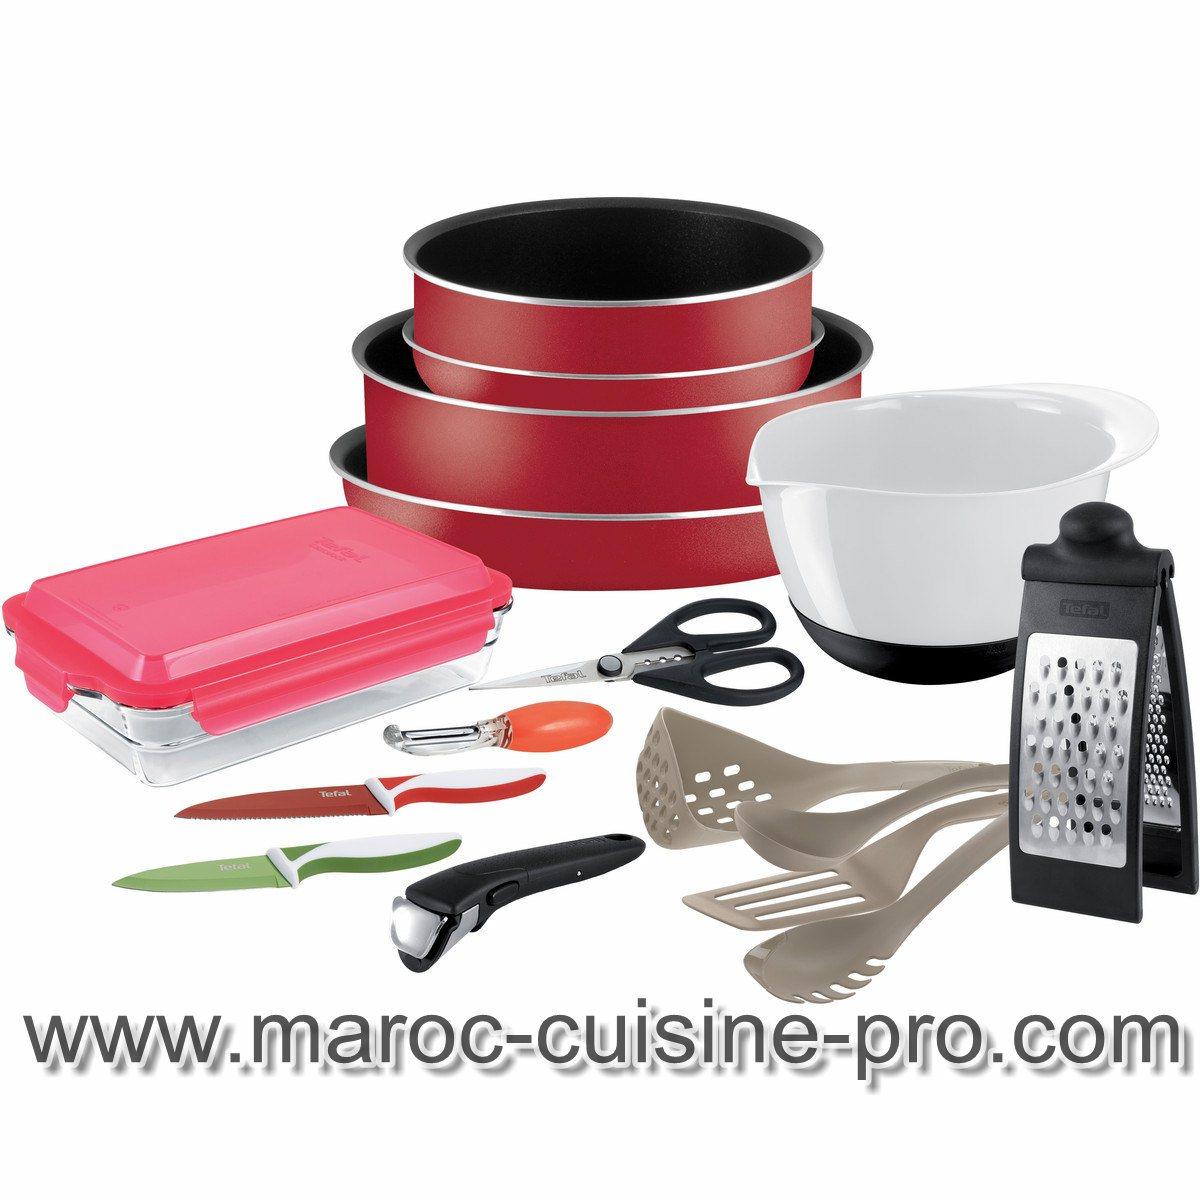 quipement accessoires vaisselle de cuisine pro au maroc maroc cuisine pro. Black Bedroom Furniture Sets. Home Design Ideas